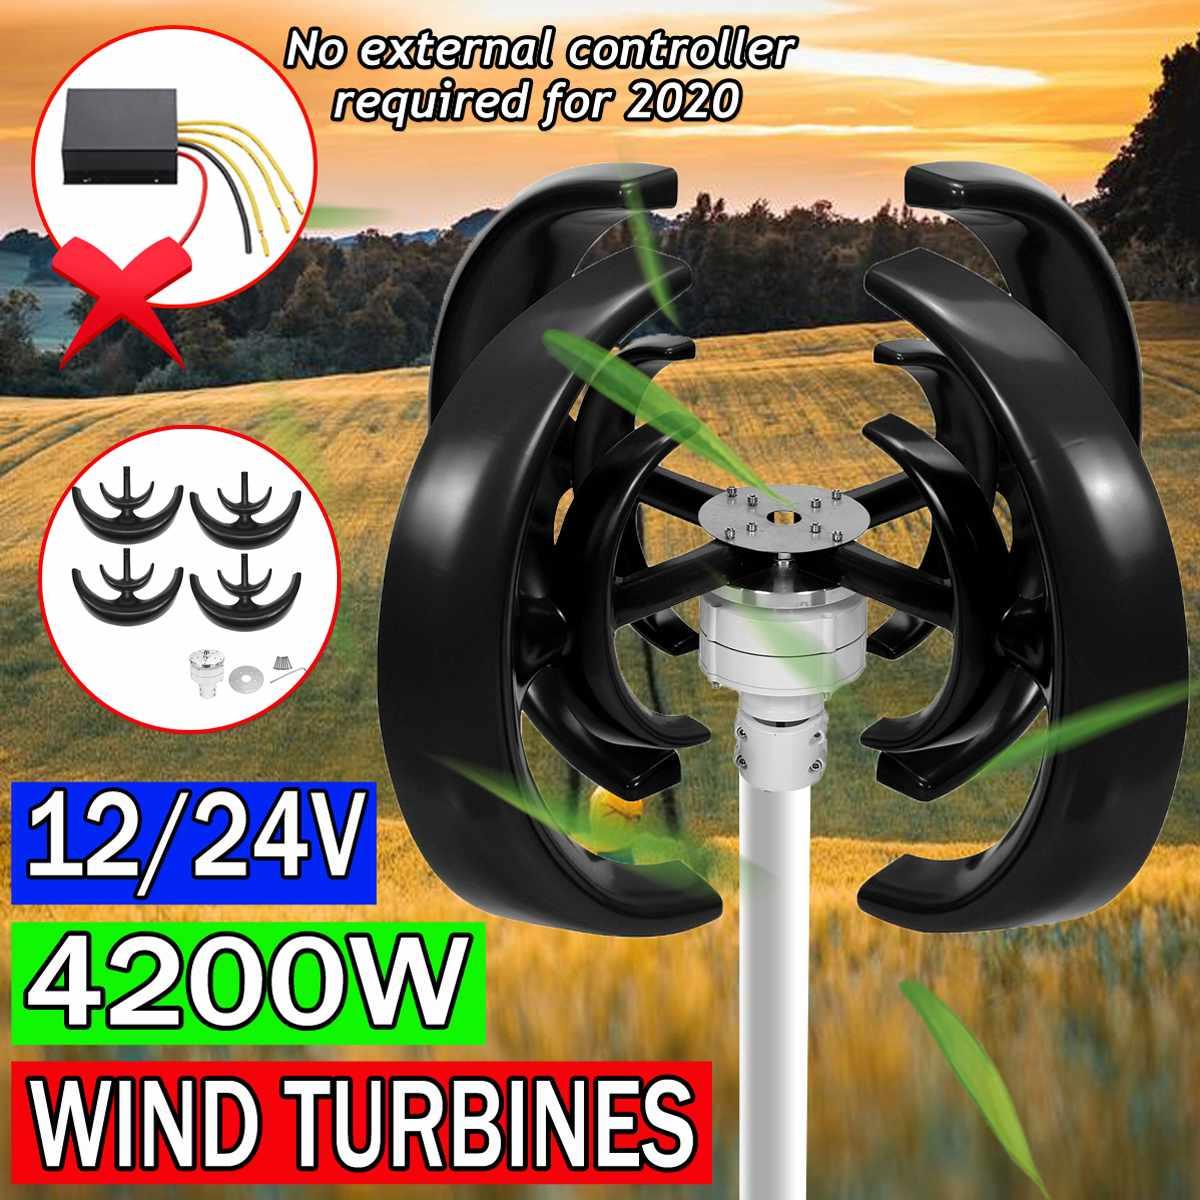 4200w 12v 24v eixo vertical turbinas eolicas gerador lanterna 4 laminas motor kit turbinas de carga